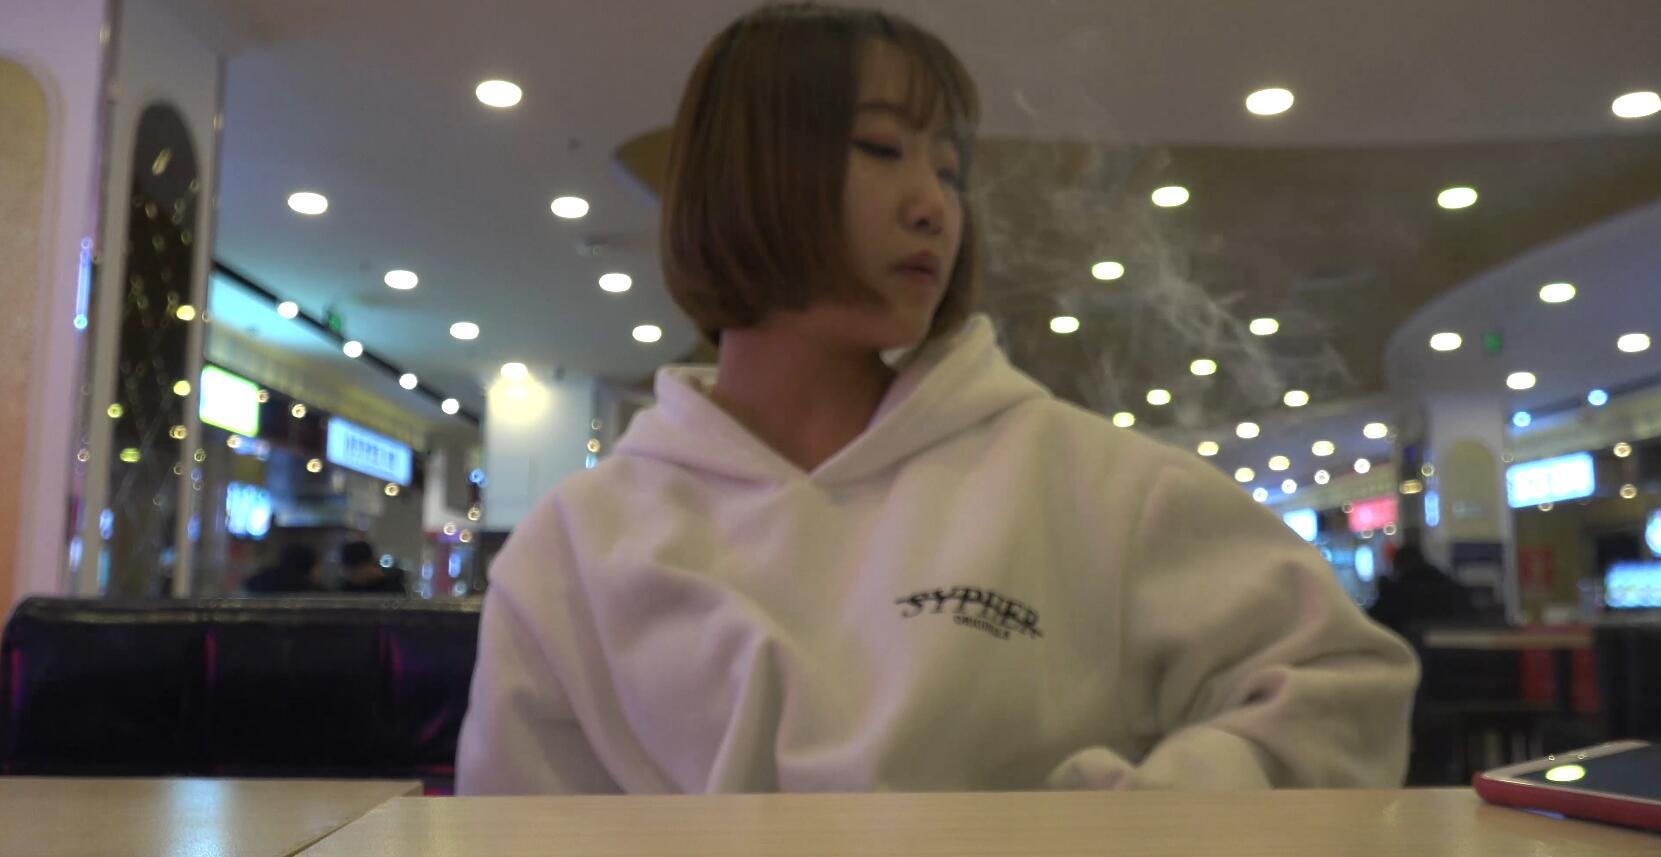 小妹妹约拍抽烟,坐马桶上也要拍